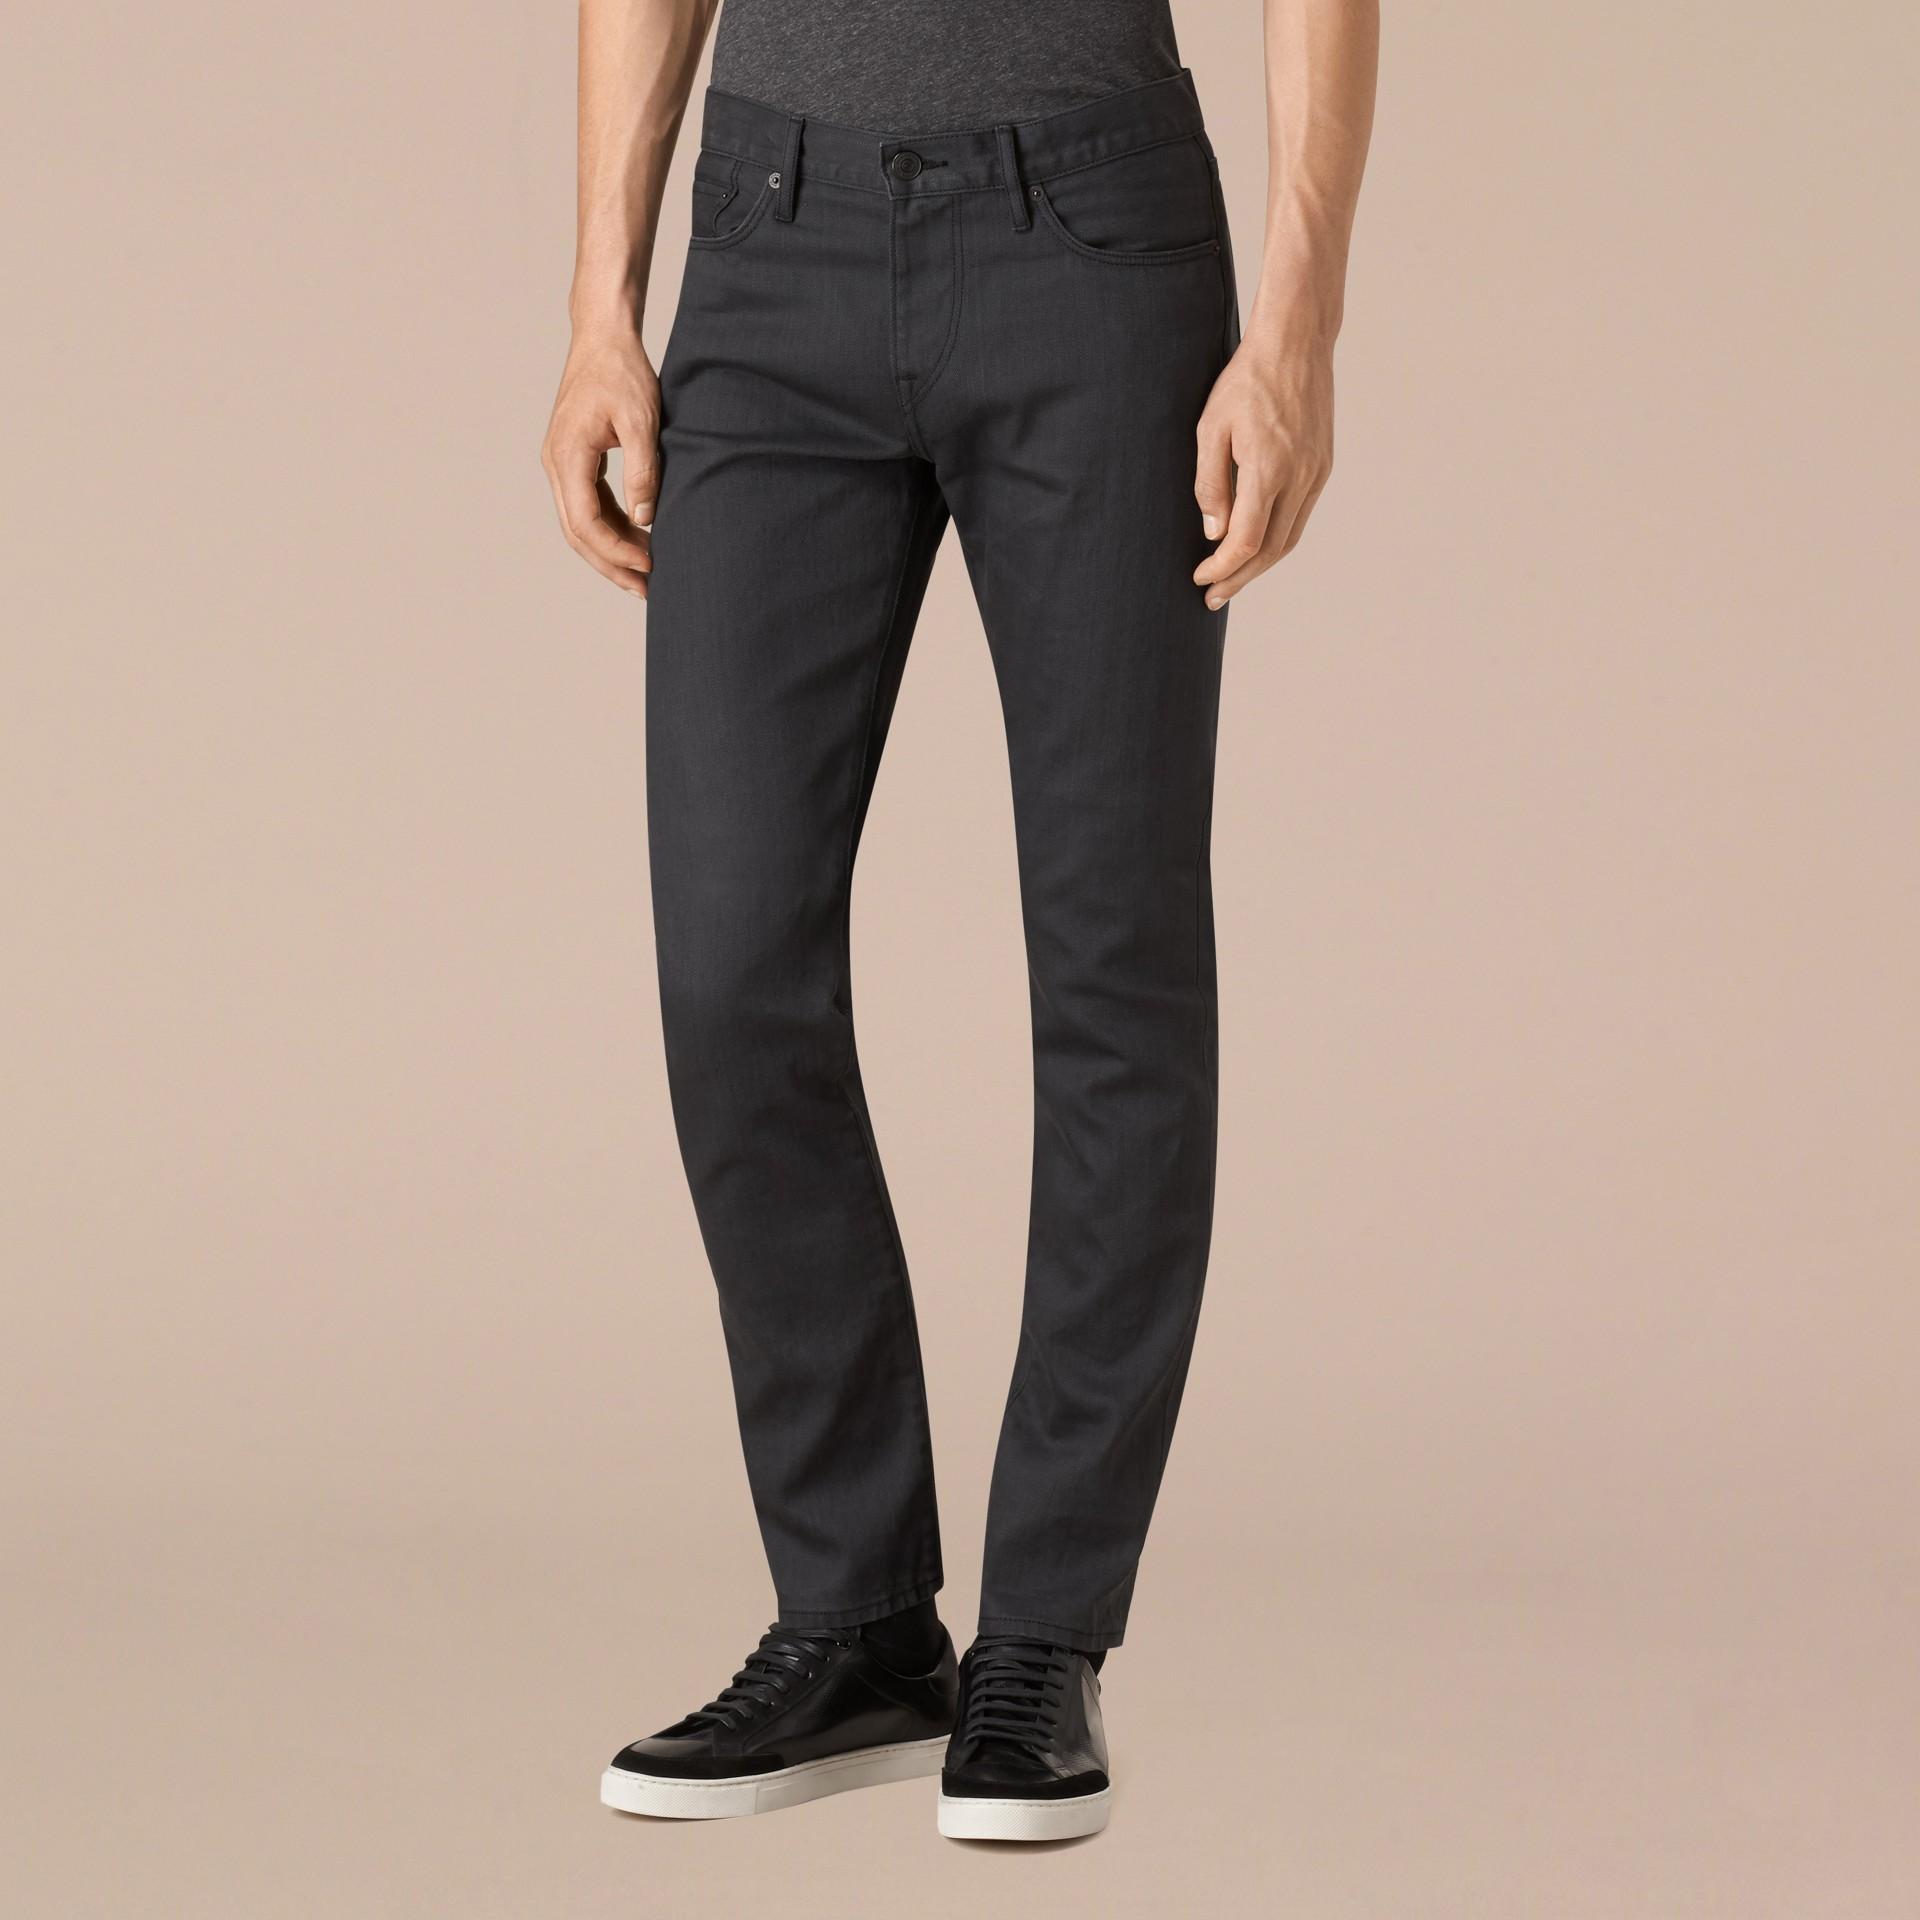 Cinza tempestade Calças jeans de ourela japonesa com corte slim - galeria de imagens 4